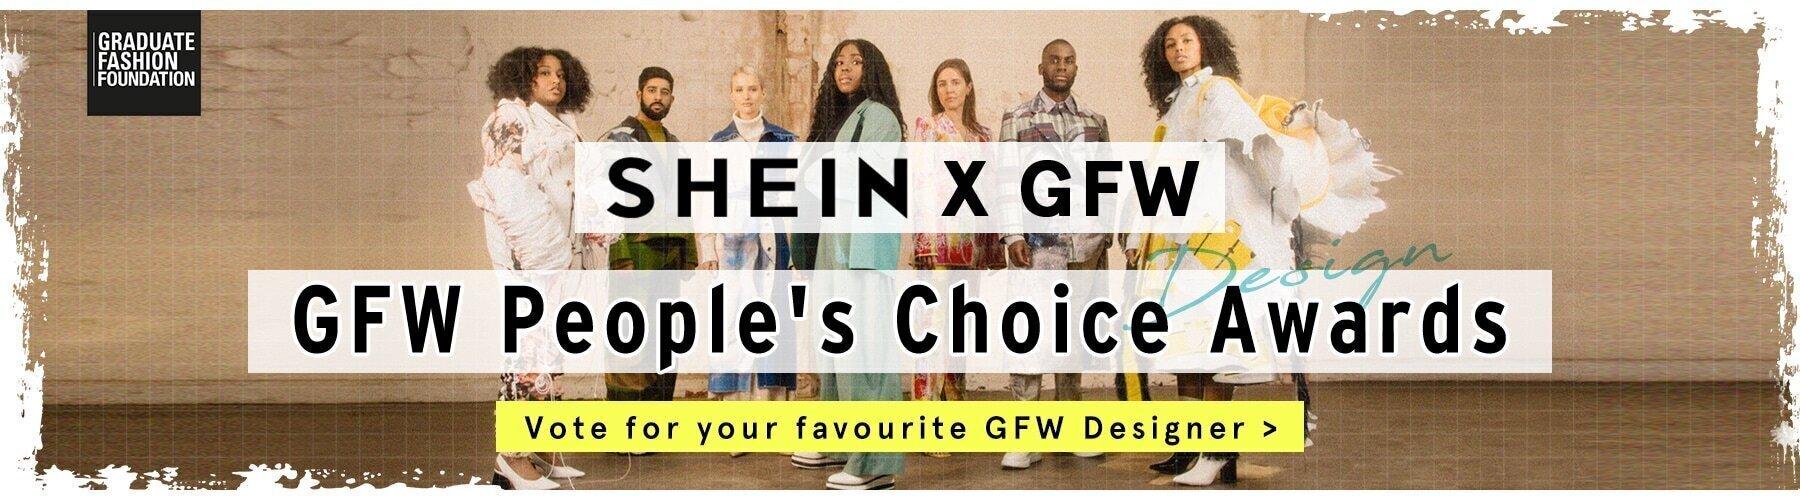 29a22f54c936 Women's Clothing & Fashion, Shop Womenswear Clothing | SHEIN UK